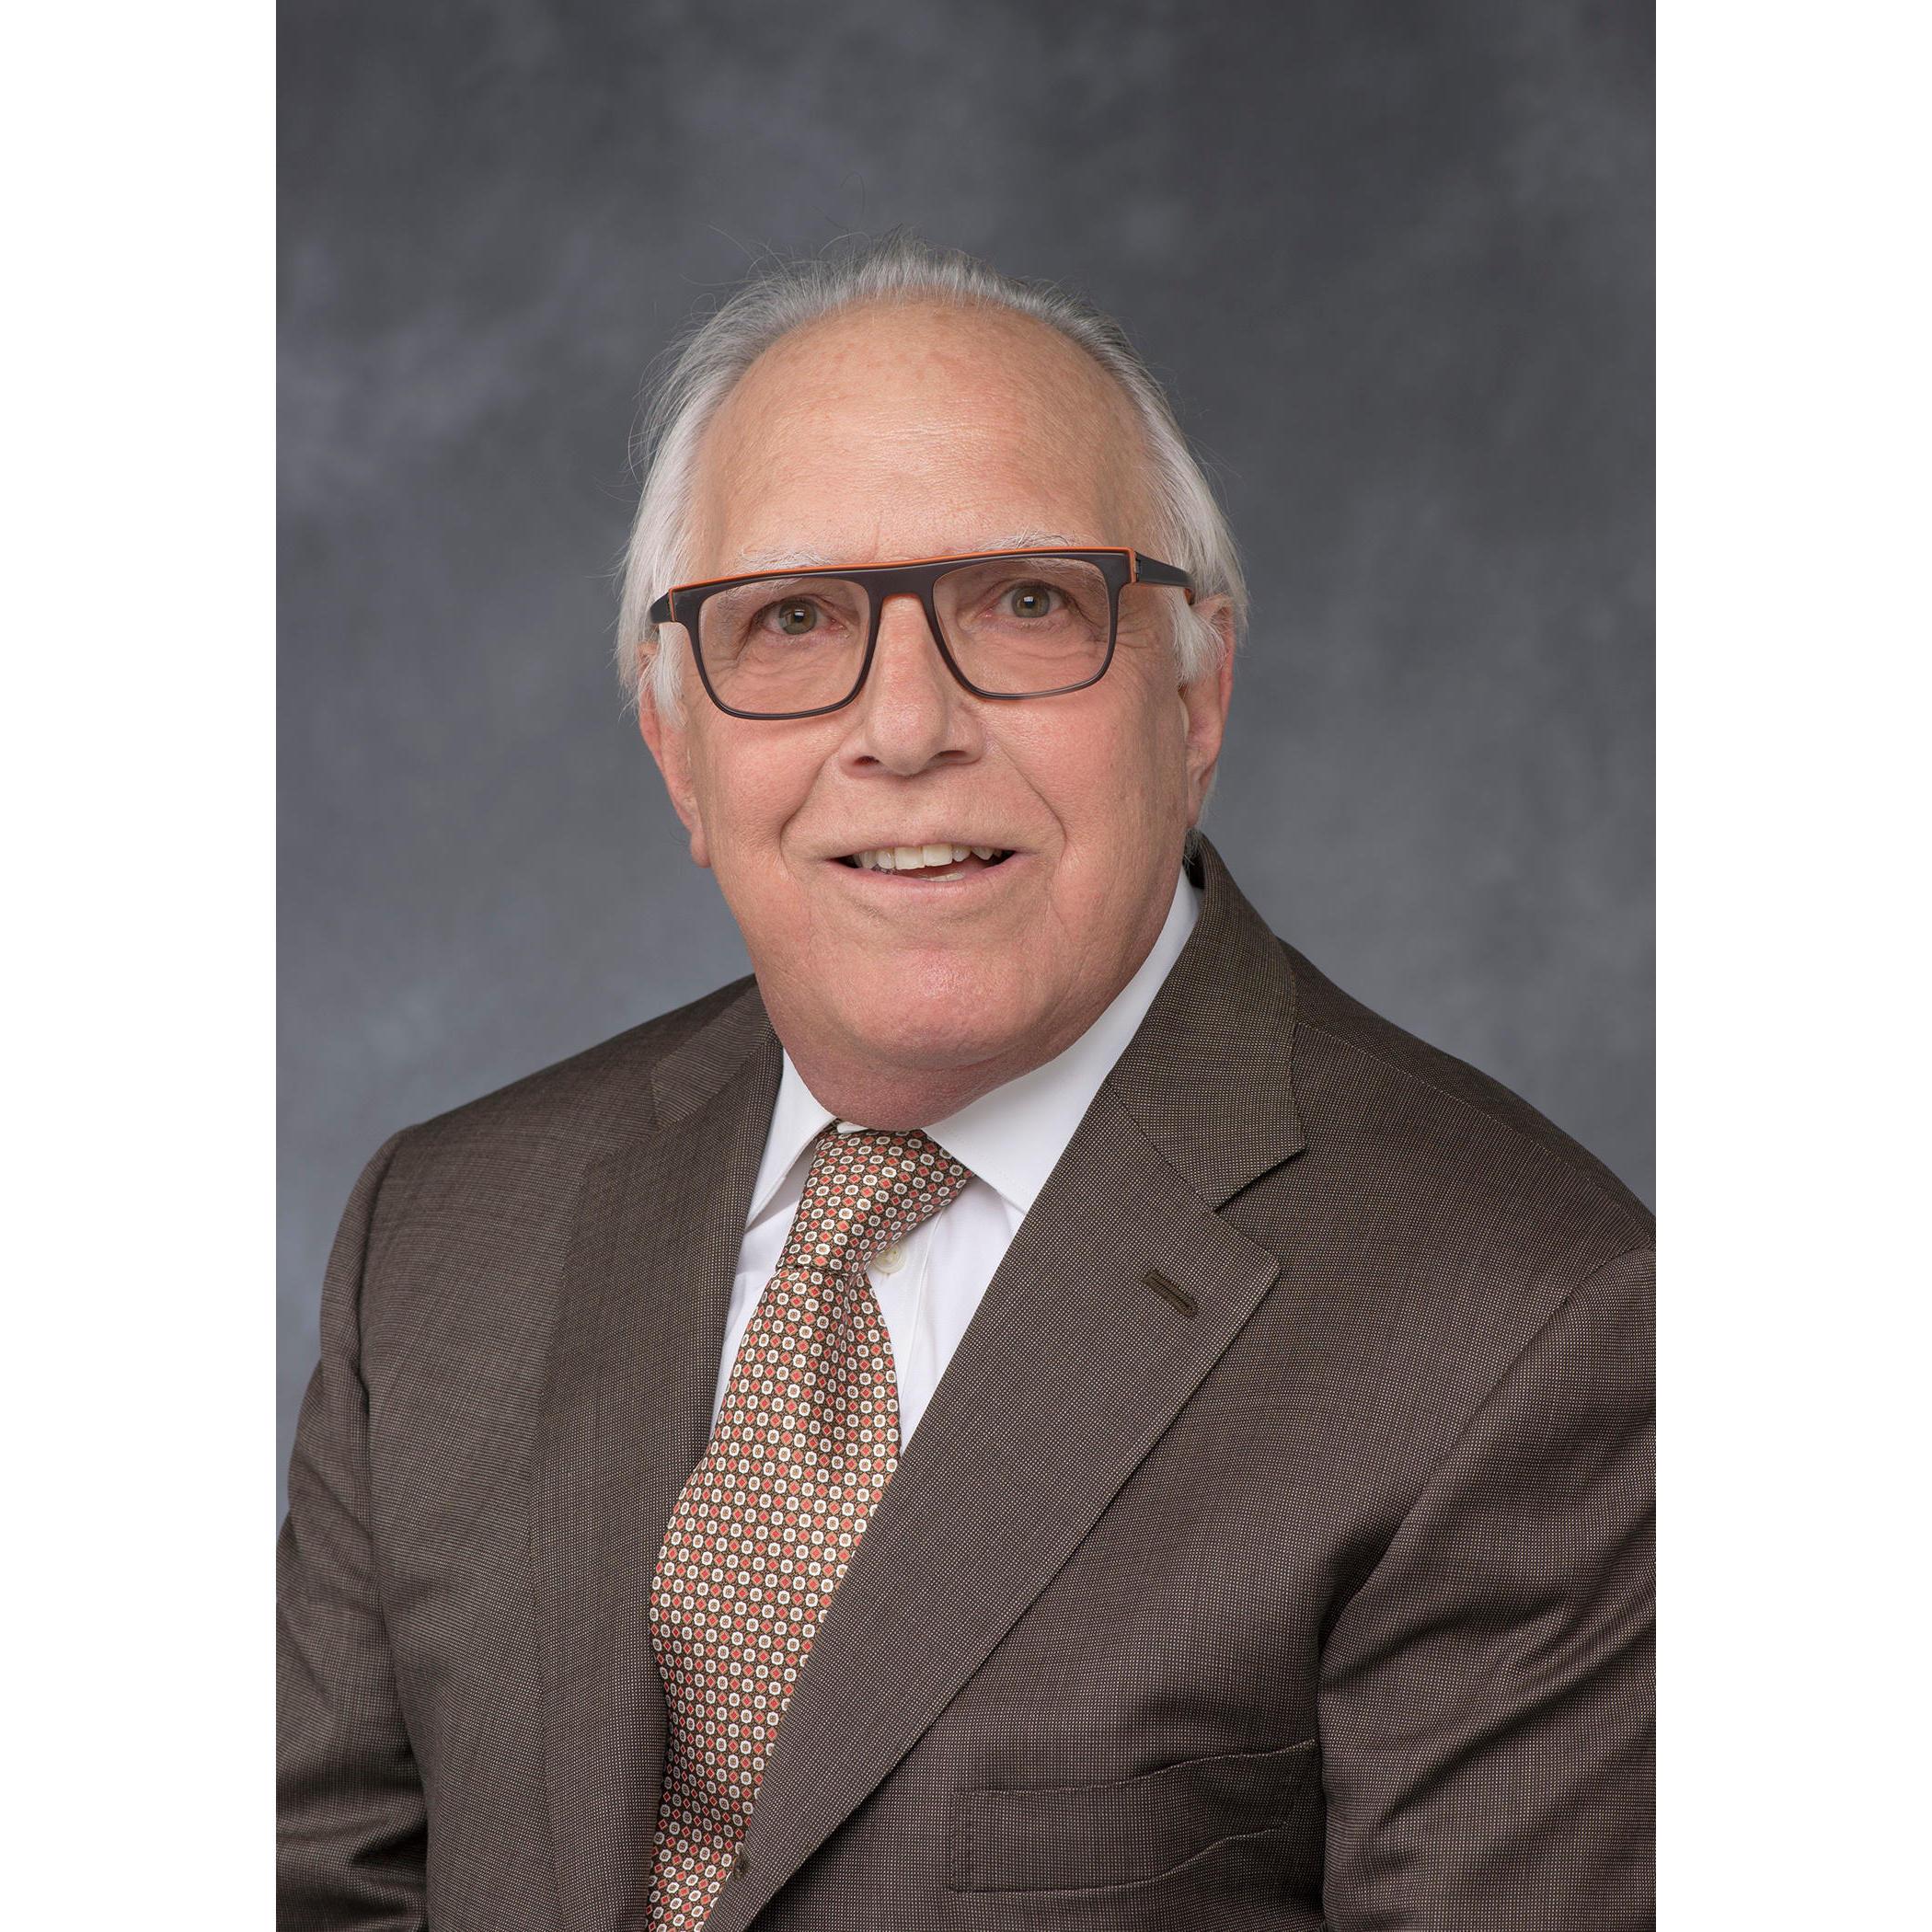 Franklin Lewkowitz